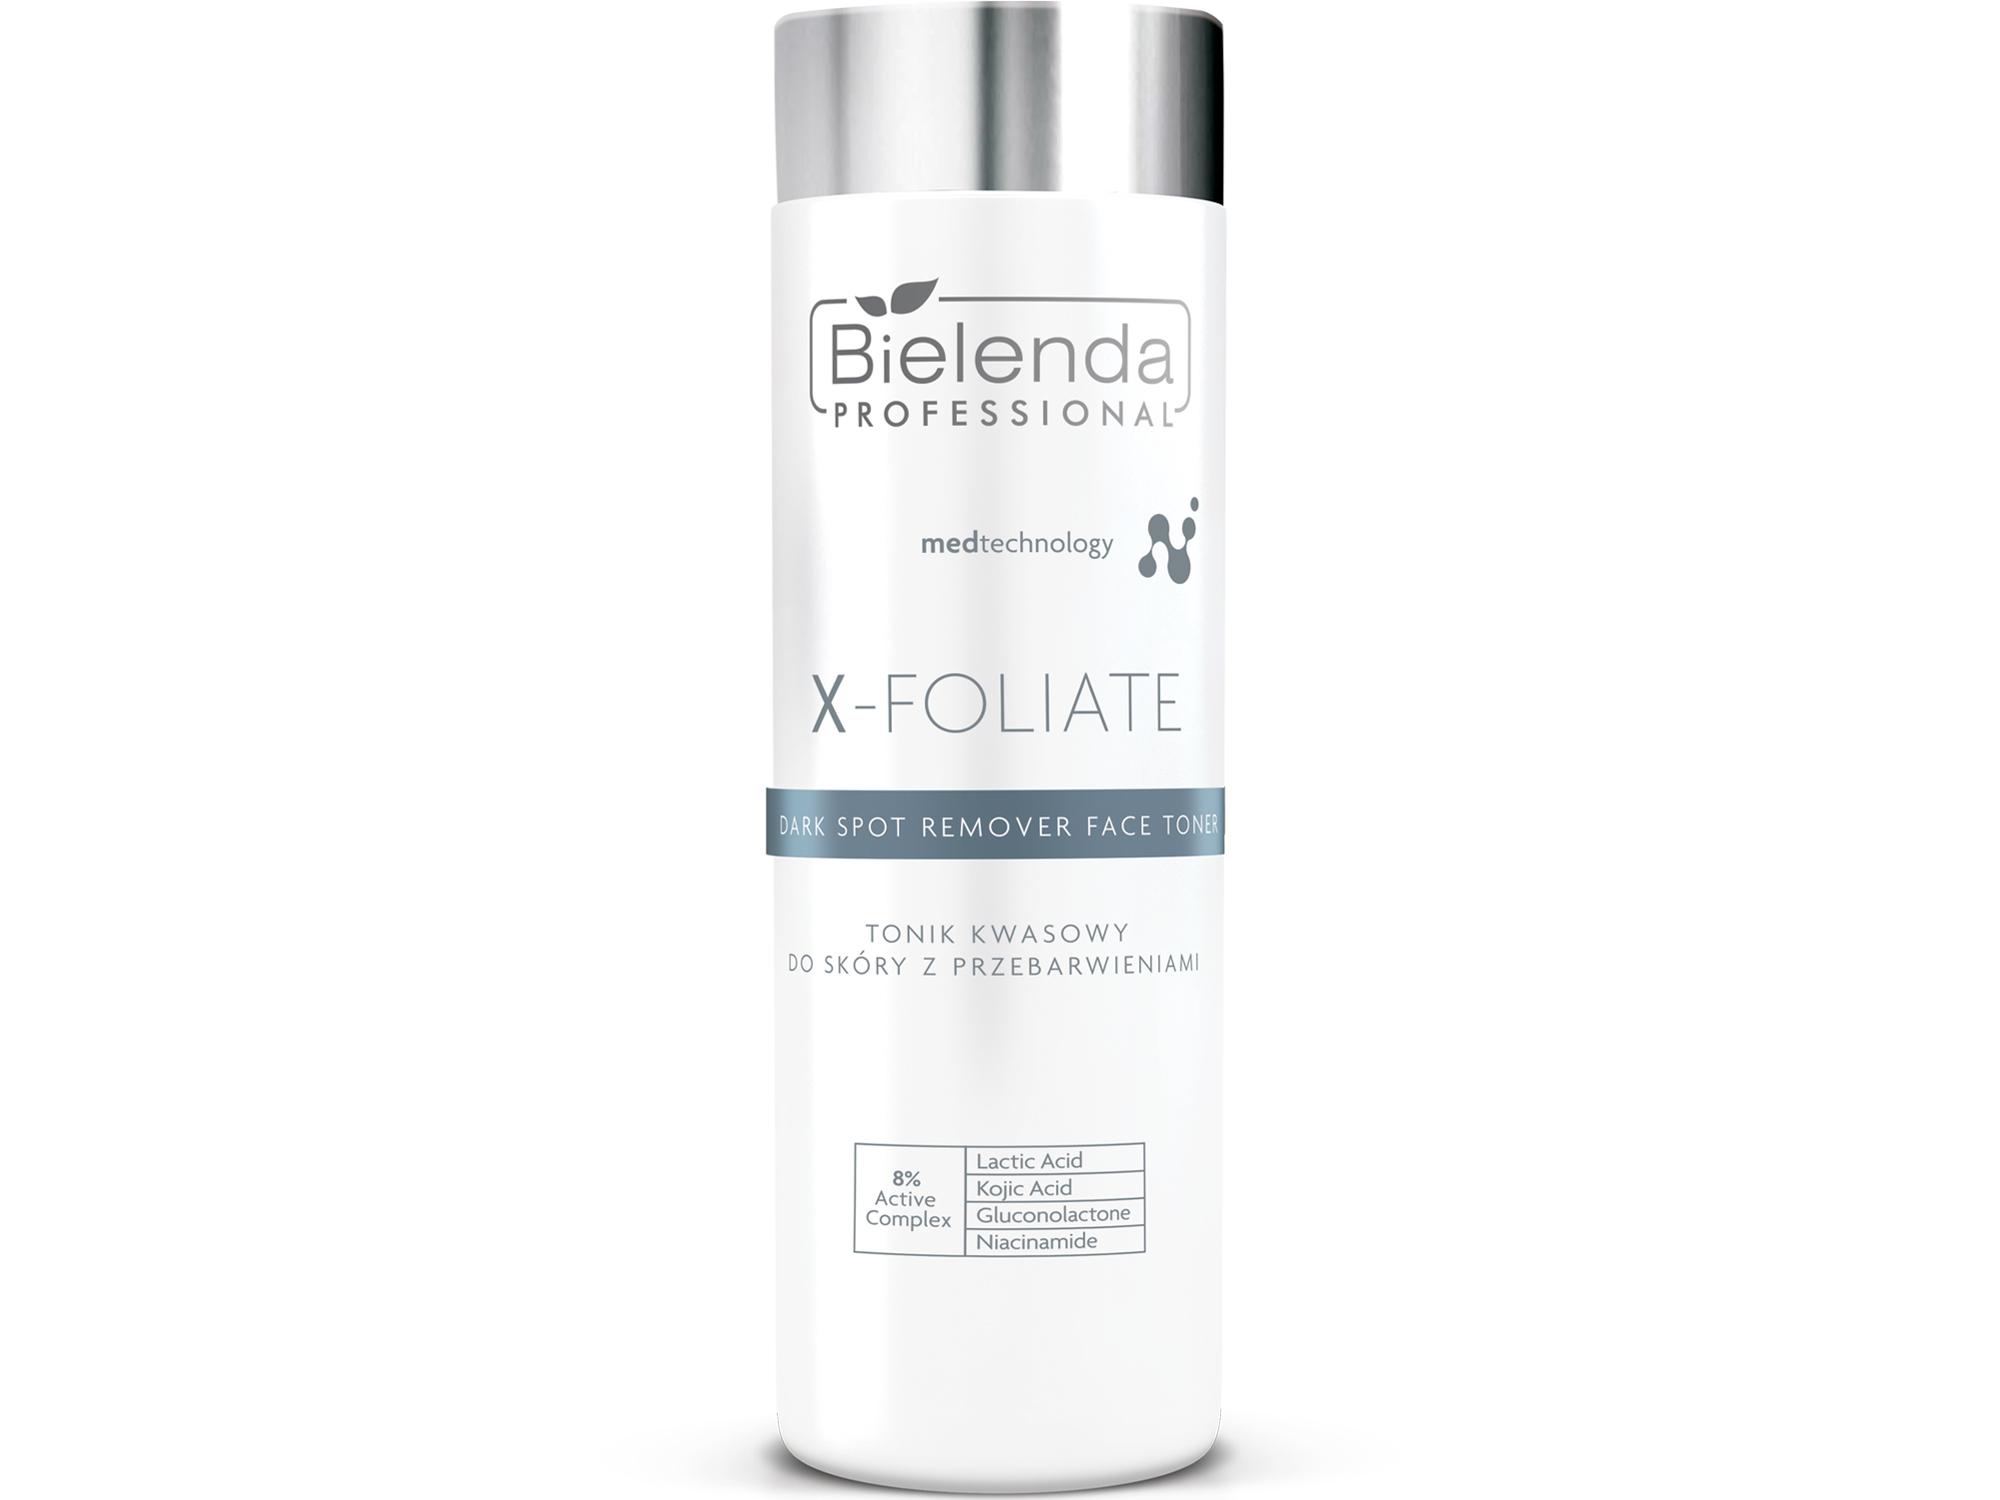 X-FOLIATE Dark Spot Кислотный тоник для кожи с пигментацией